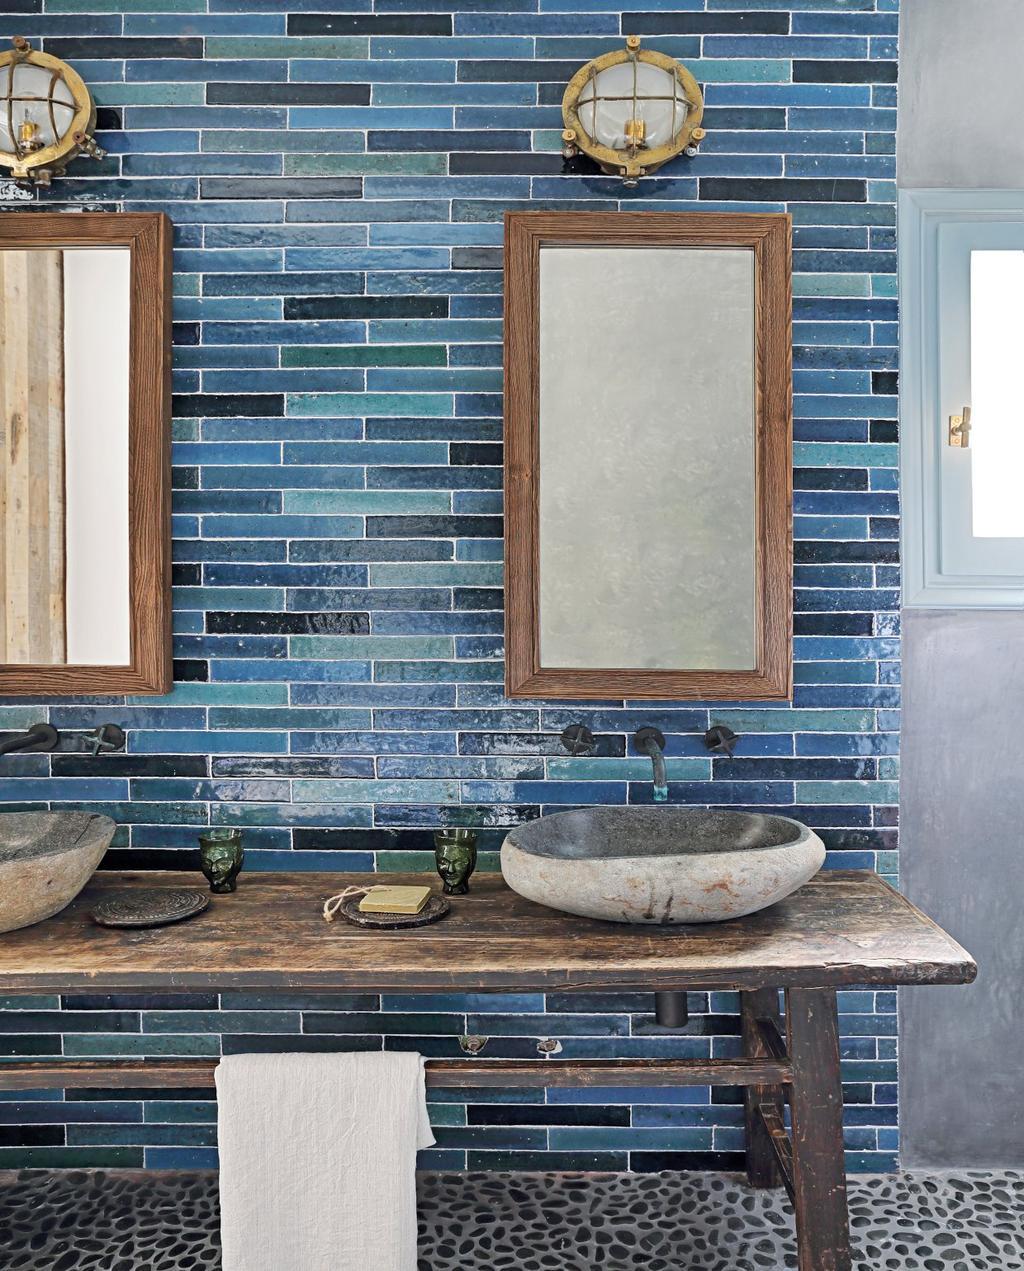 vtwonen 08-2020 | bk buitenland ibiza badkamer met blauwe wandtegels